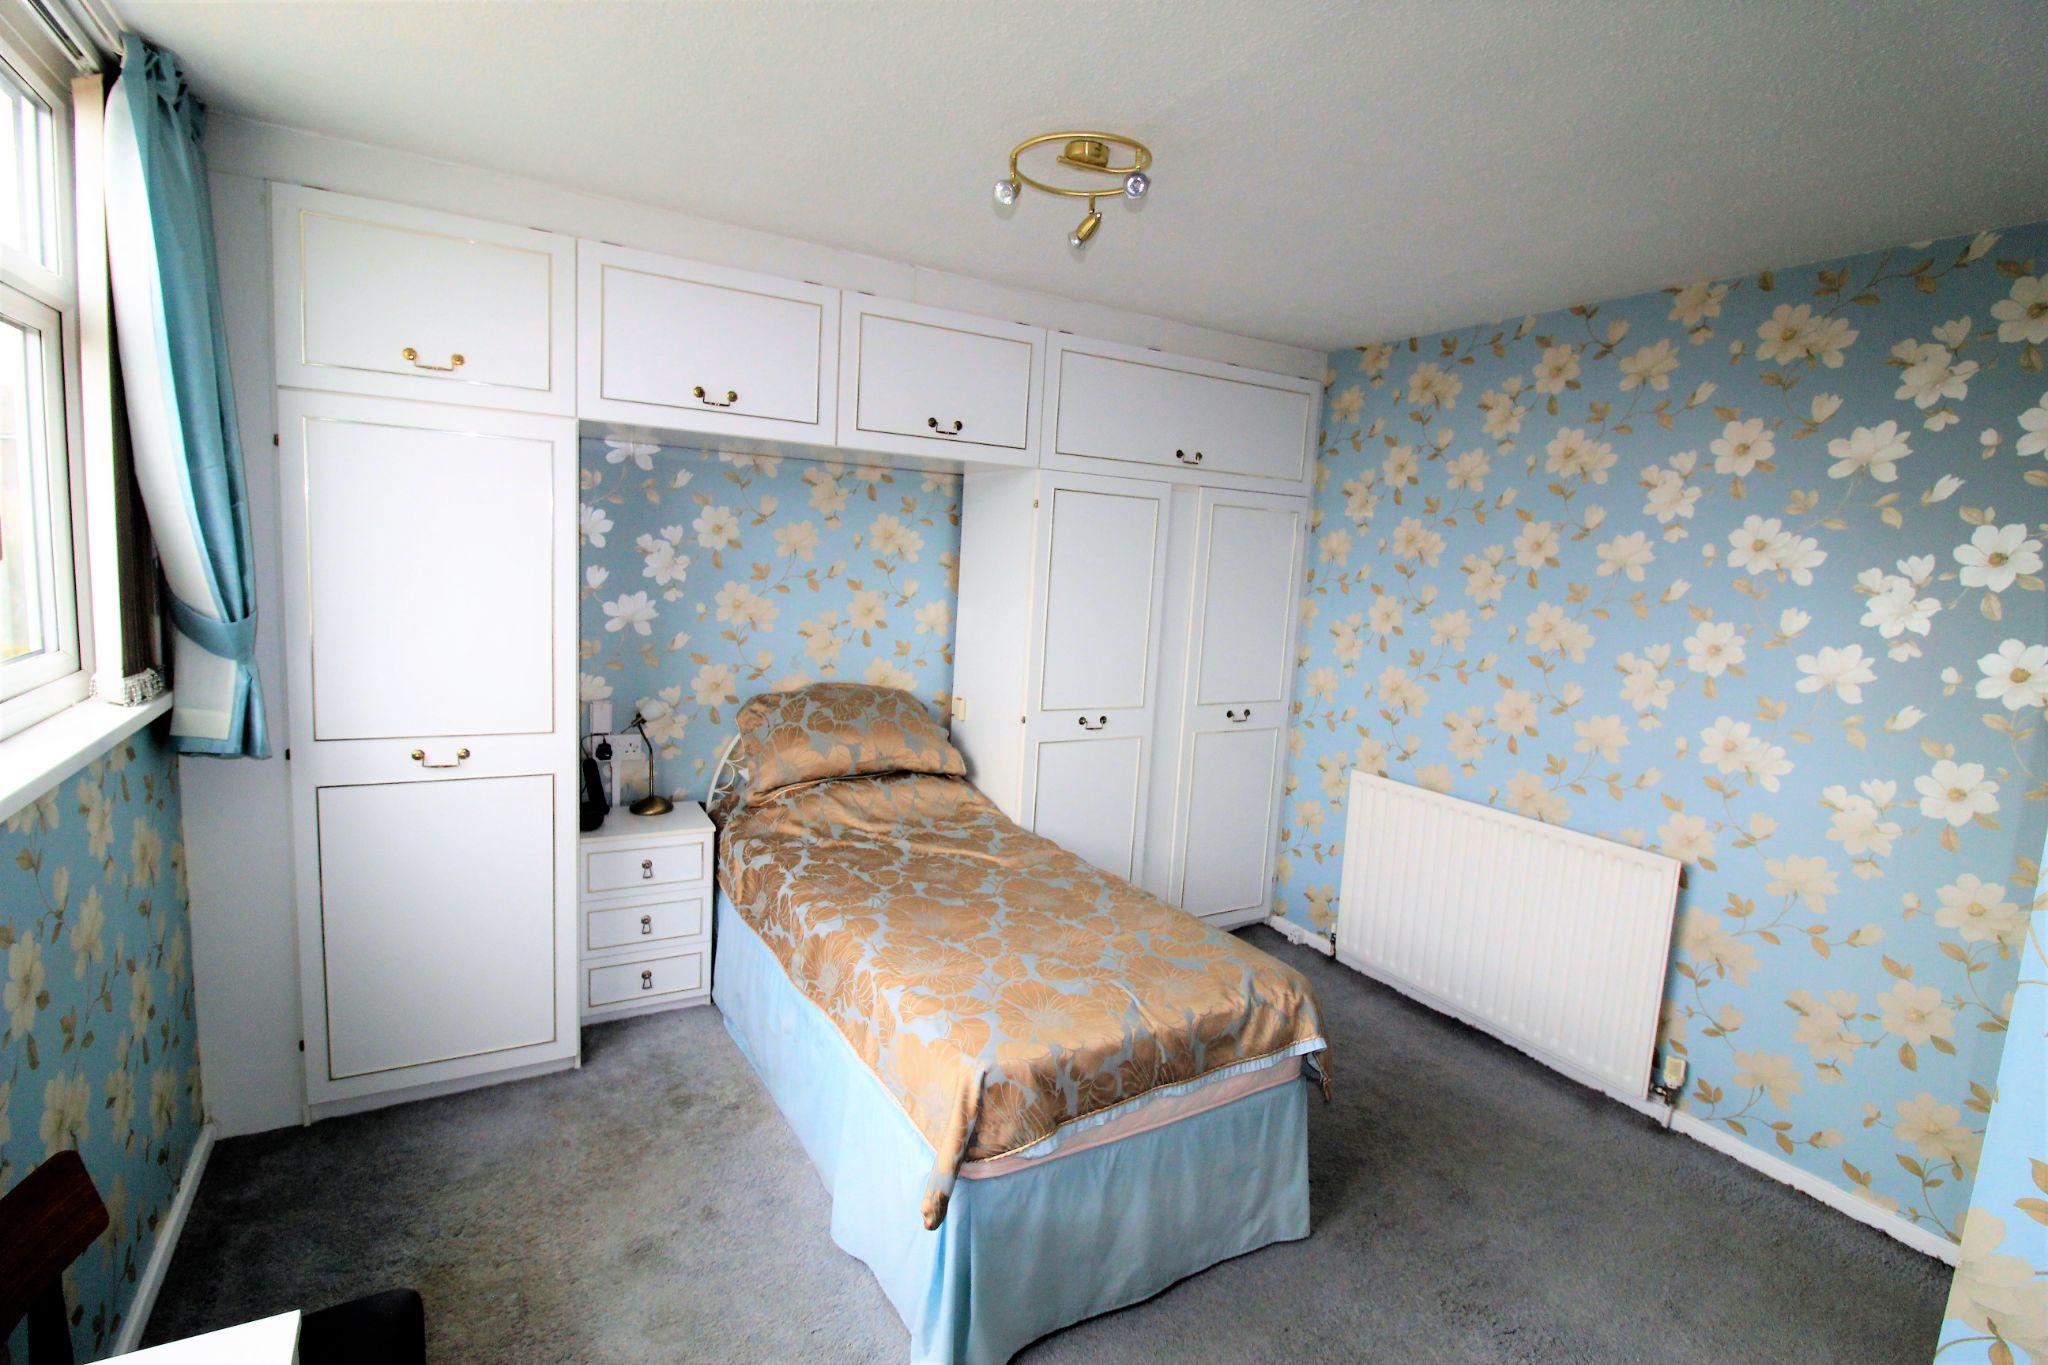 2 bedroom semi-detached bungalow SSTC in Bradford - Bedroom 1